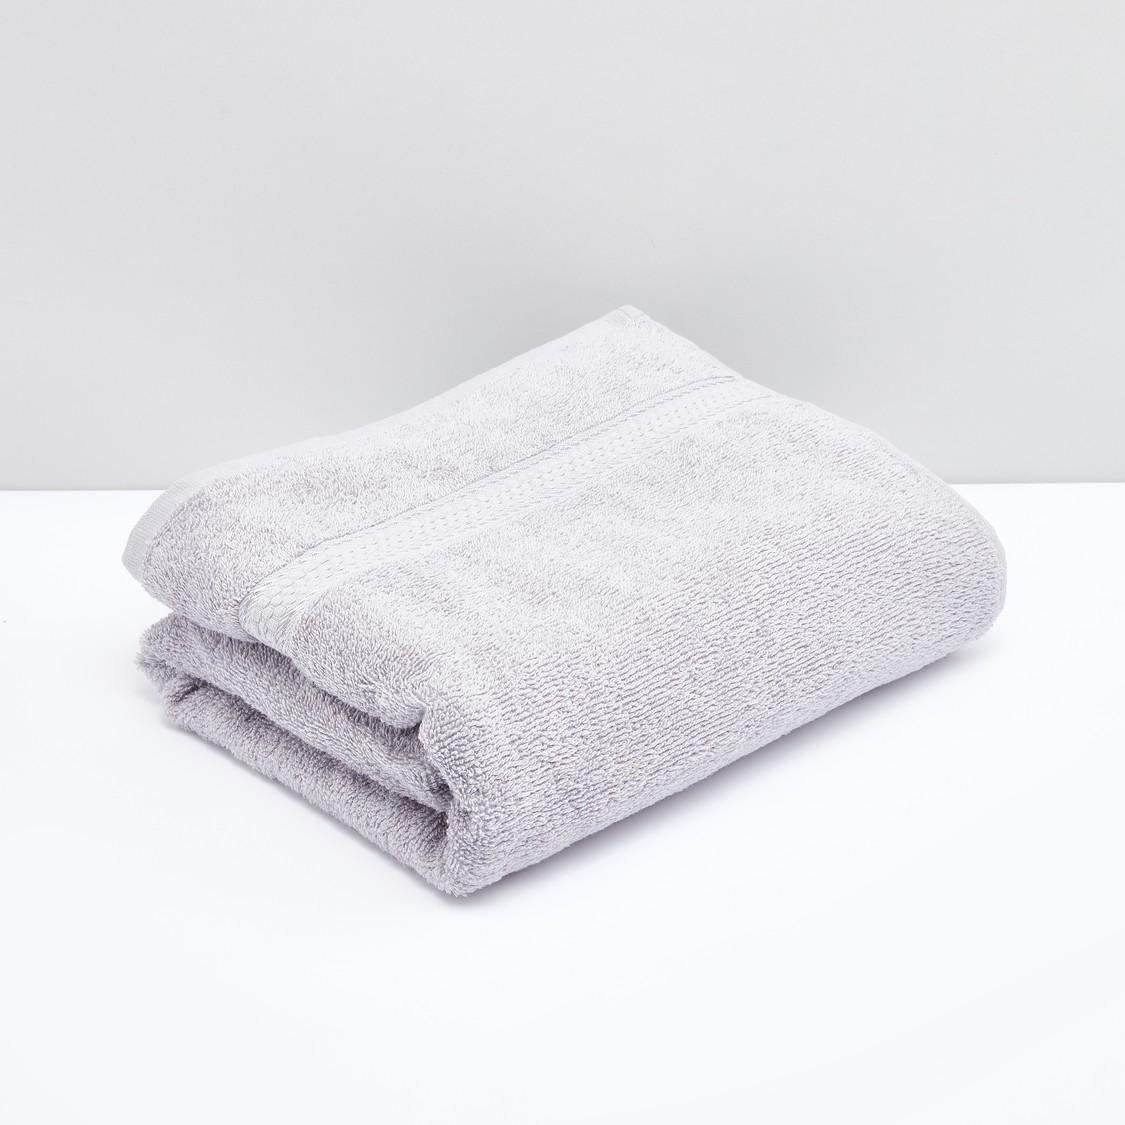 Rectangular Bath Sheet with Plush Detailing